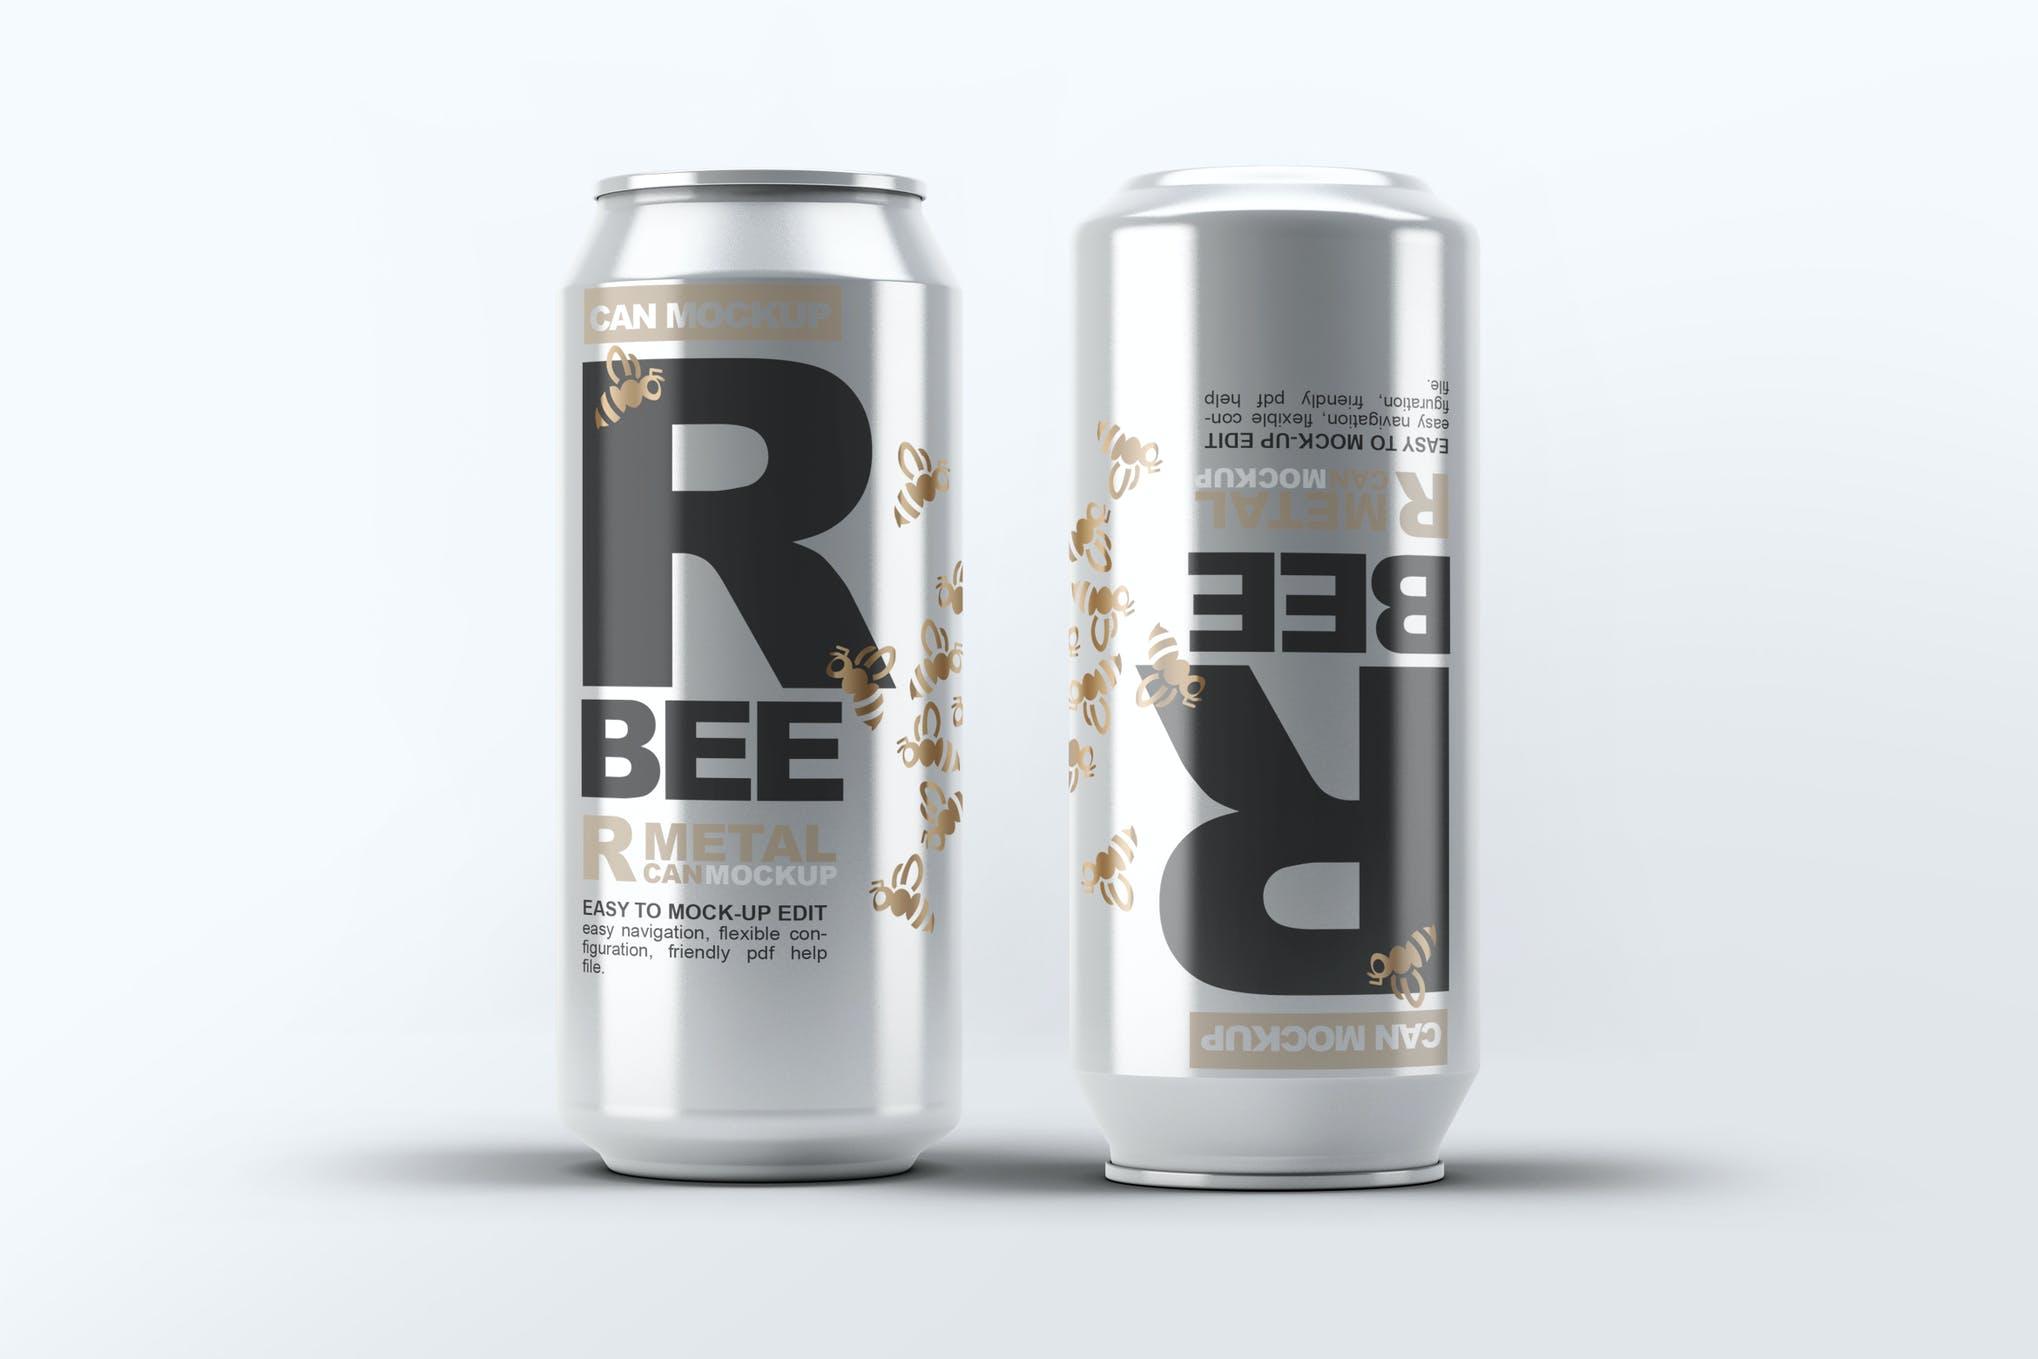 啤酒饮料易拉罐样机效果图插图(1)